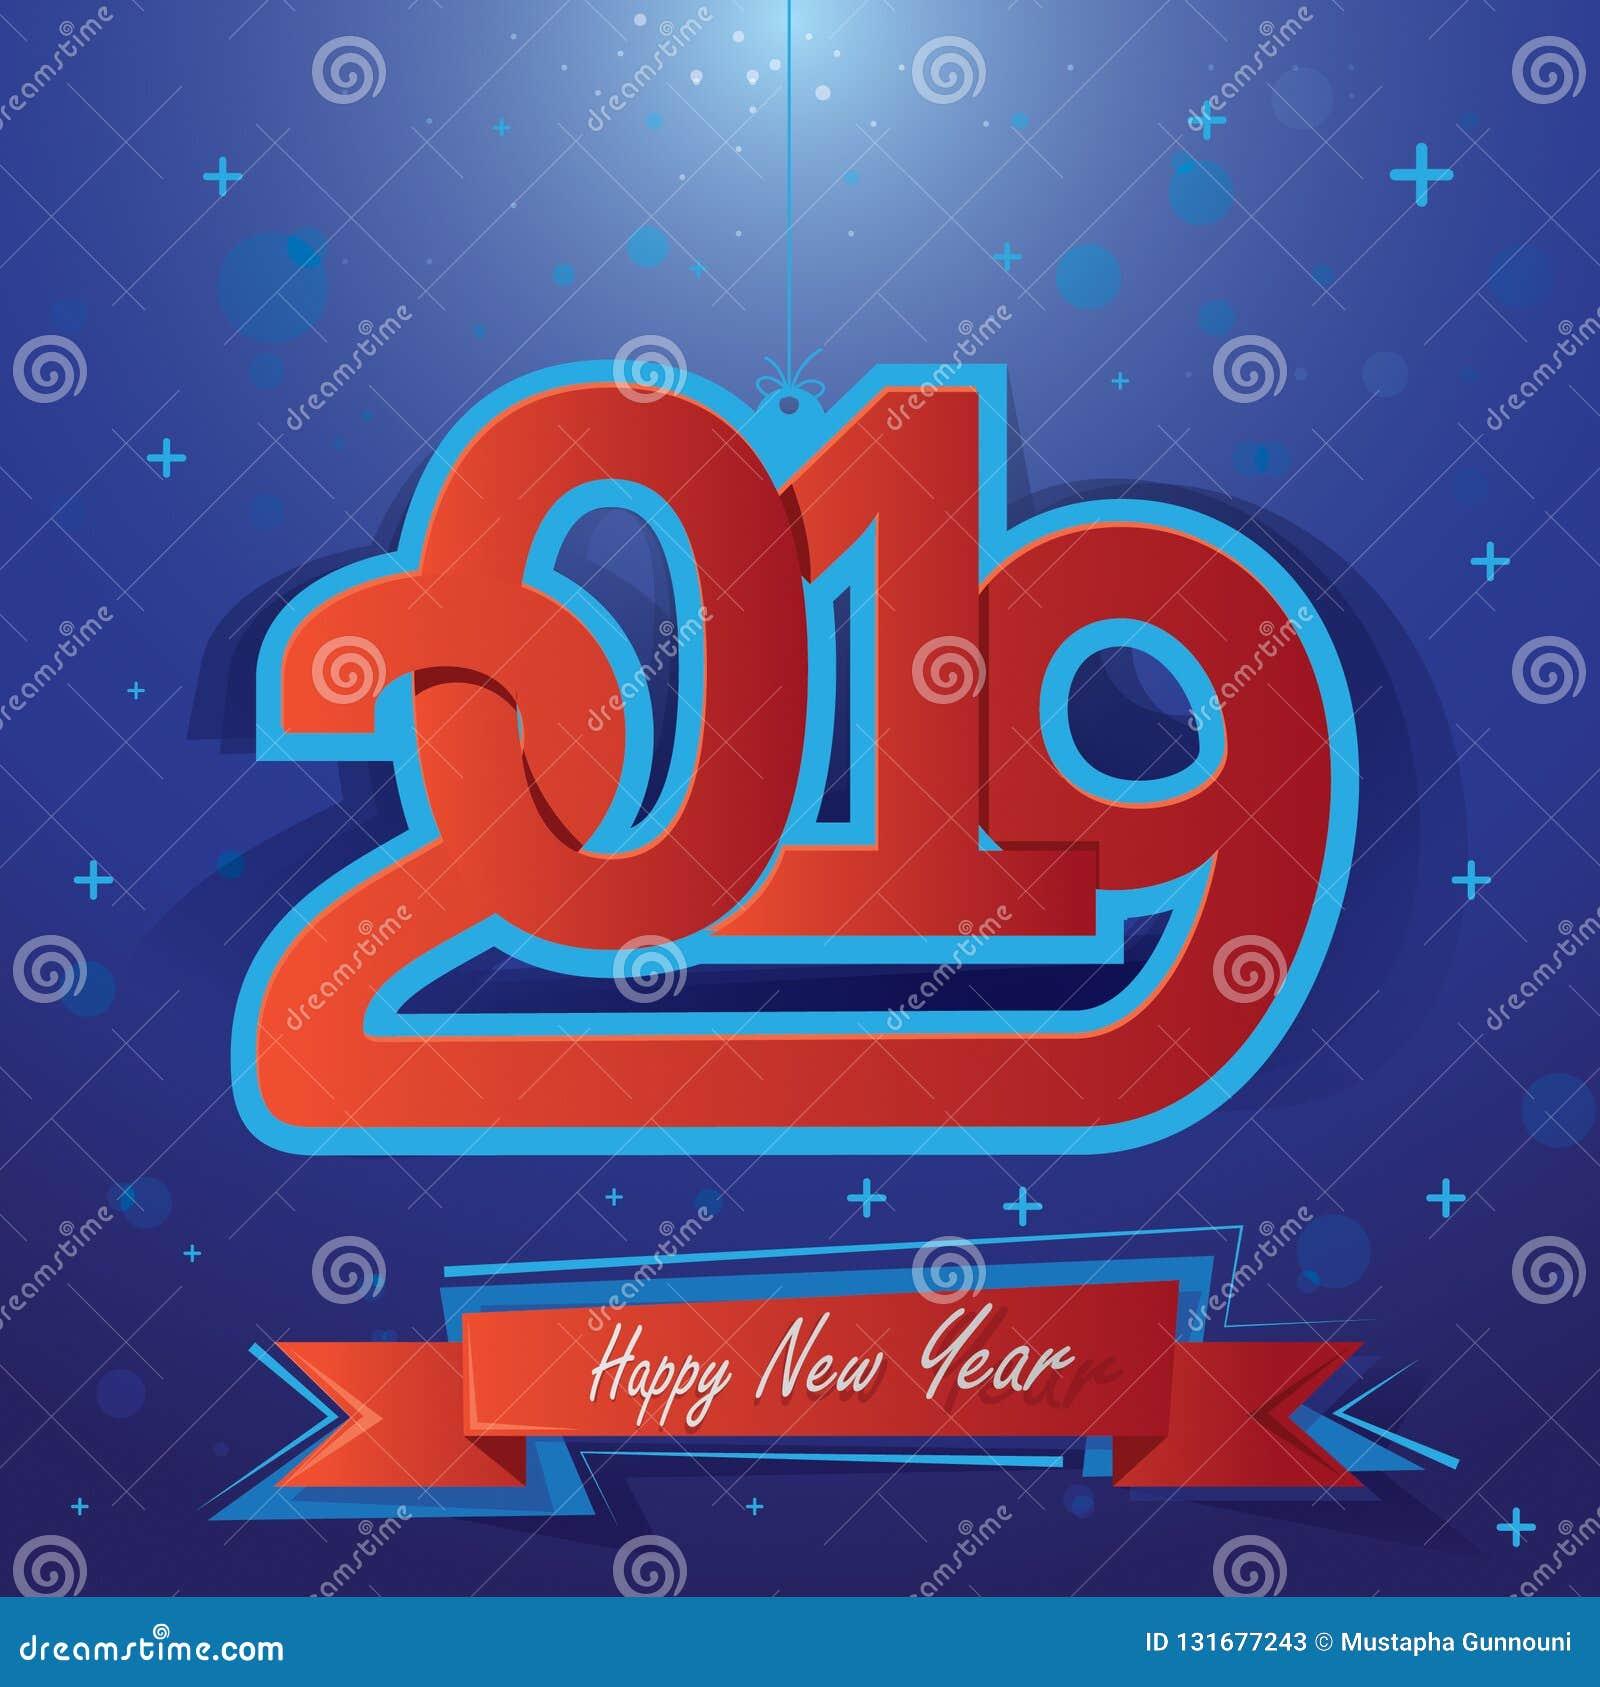 Bonne année 2019 Illustration de vecteur pour des holydays de Noël